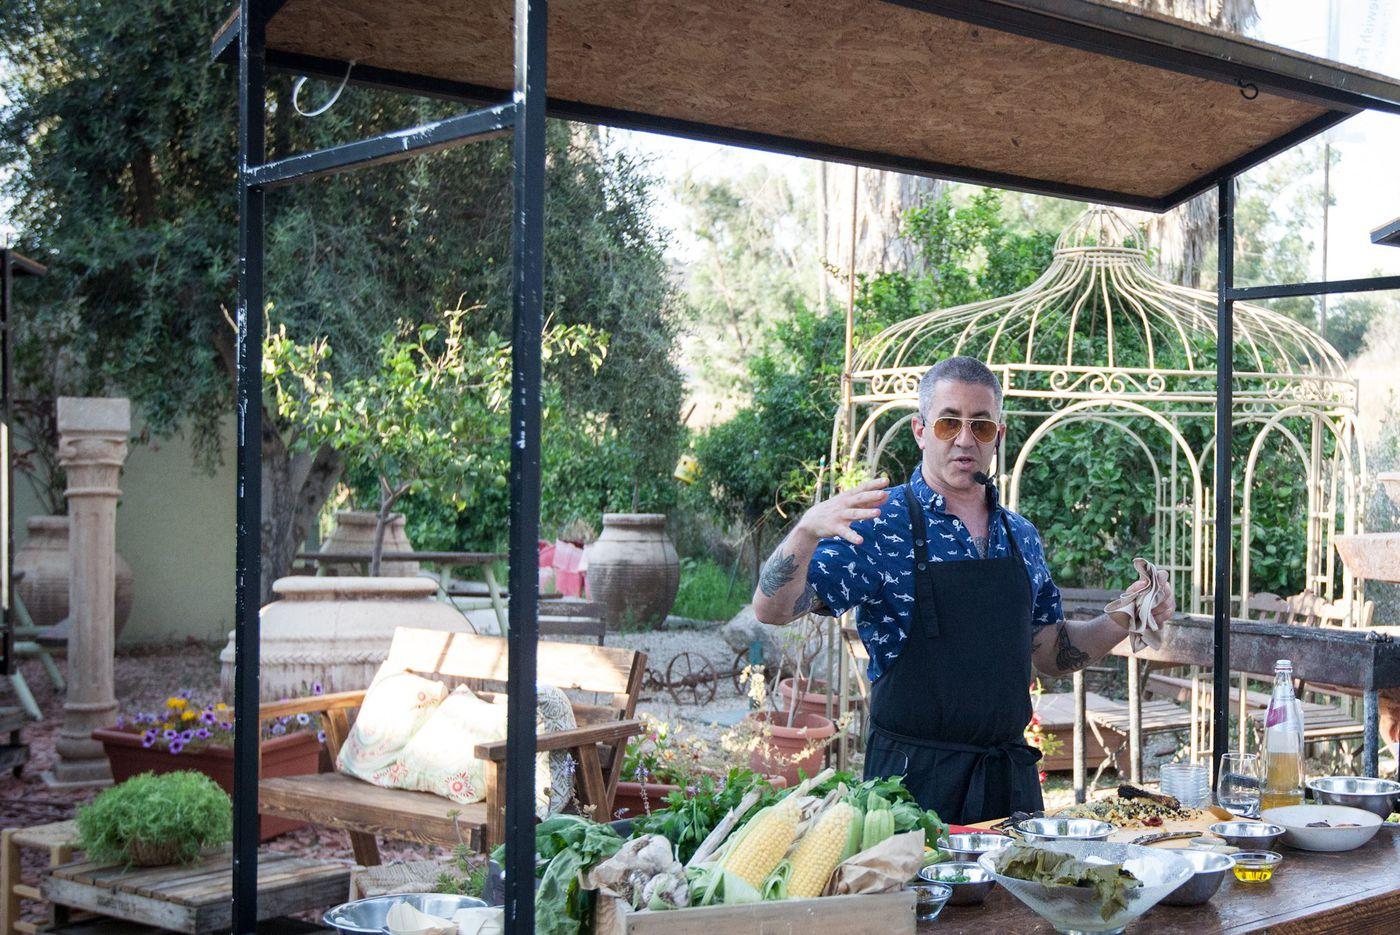 Philadelphia Orchestra in Israel: Zahav's Michael Solomonov serves patrons 'Dinner in the Desert' as a capstone experience